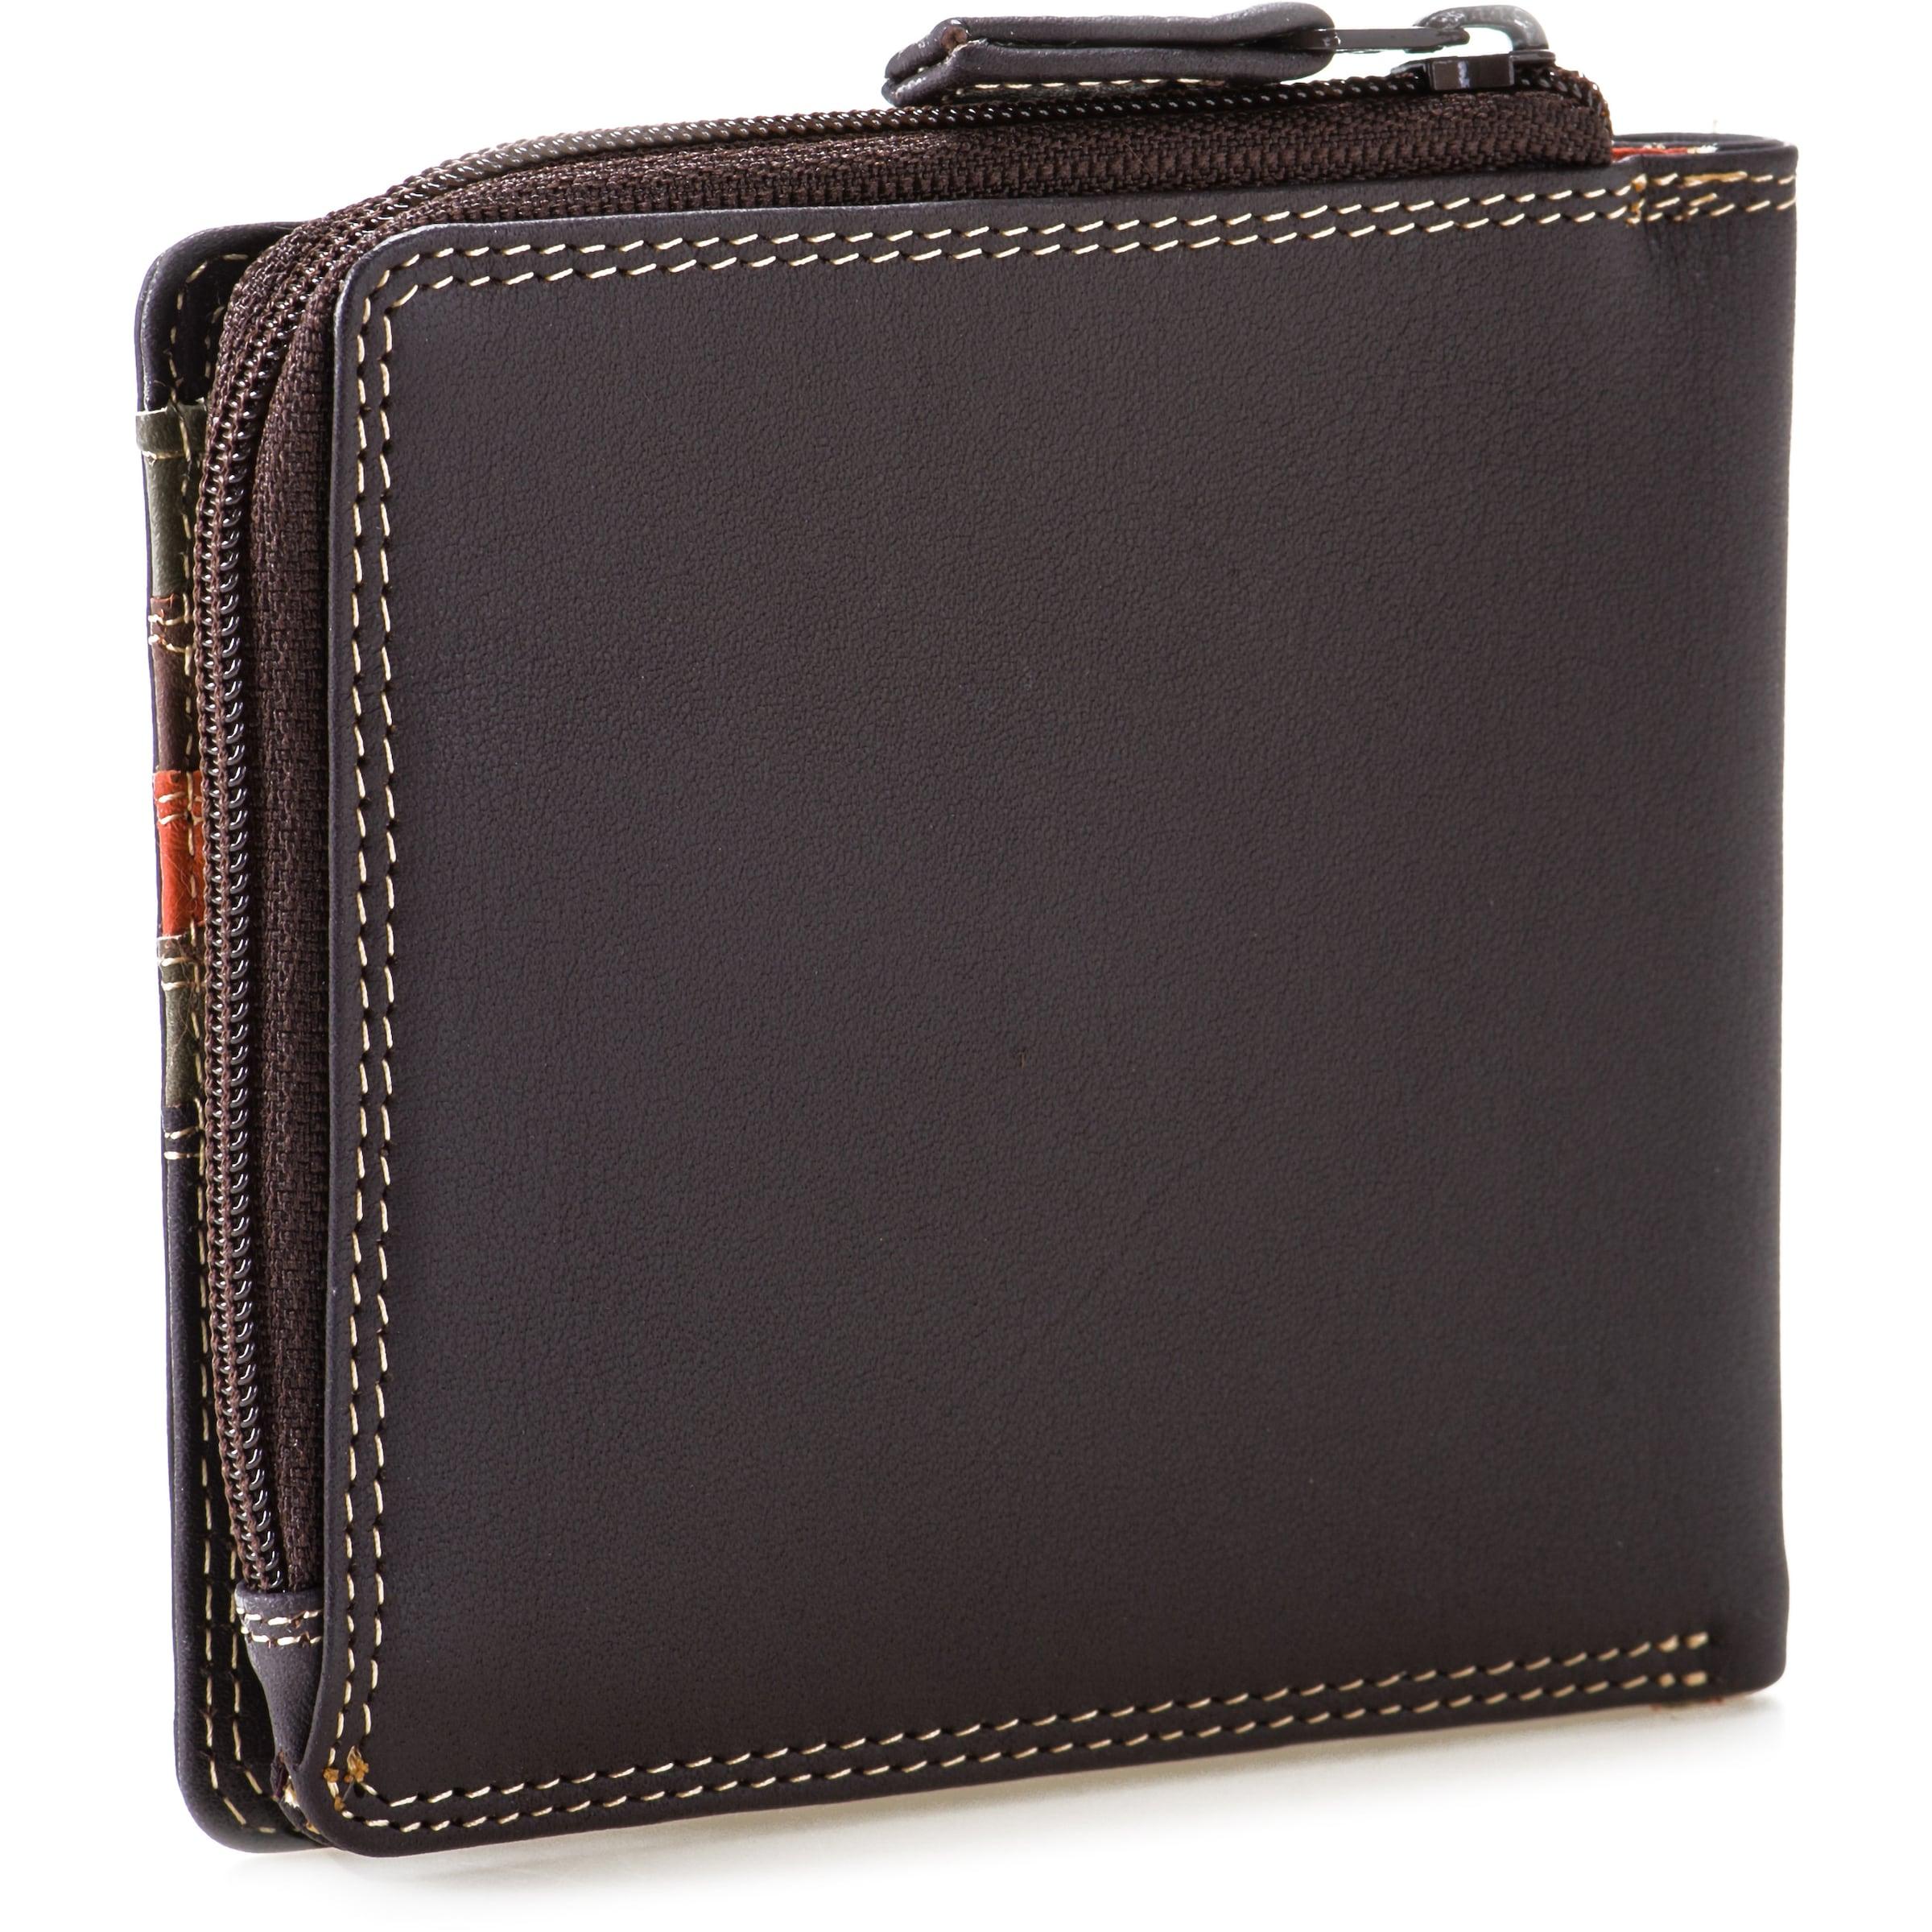 Wallet' Braun Geldbörse 'standard Mywalit In D29eEYWHIb